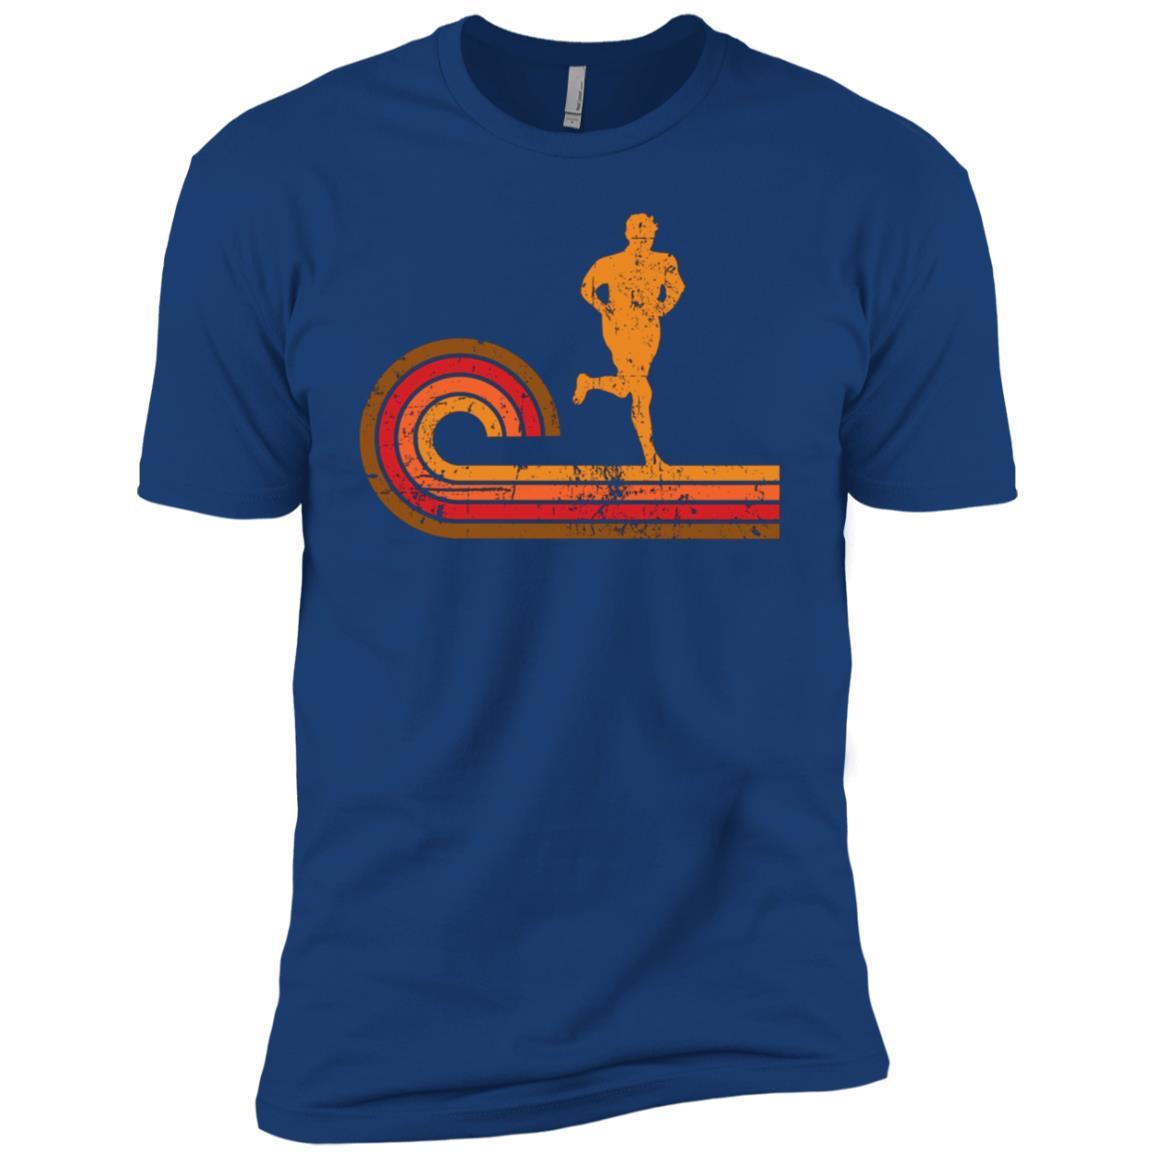 Retro Style Runner Silhouette Running Men Short Sleeve T-Shirt